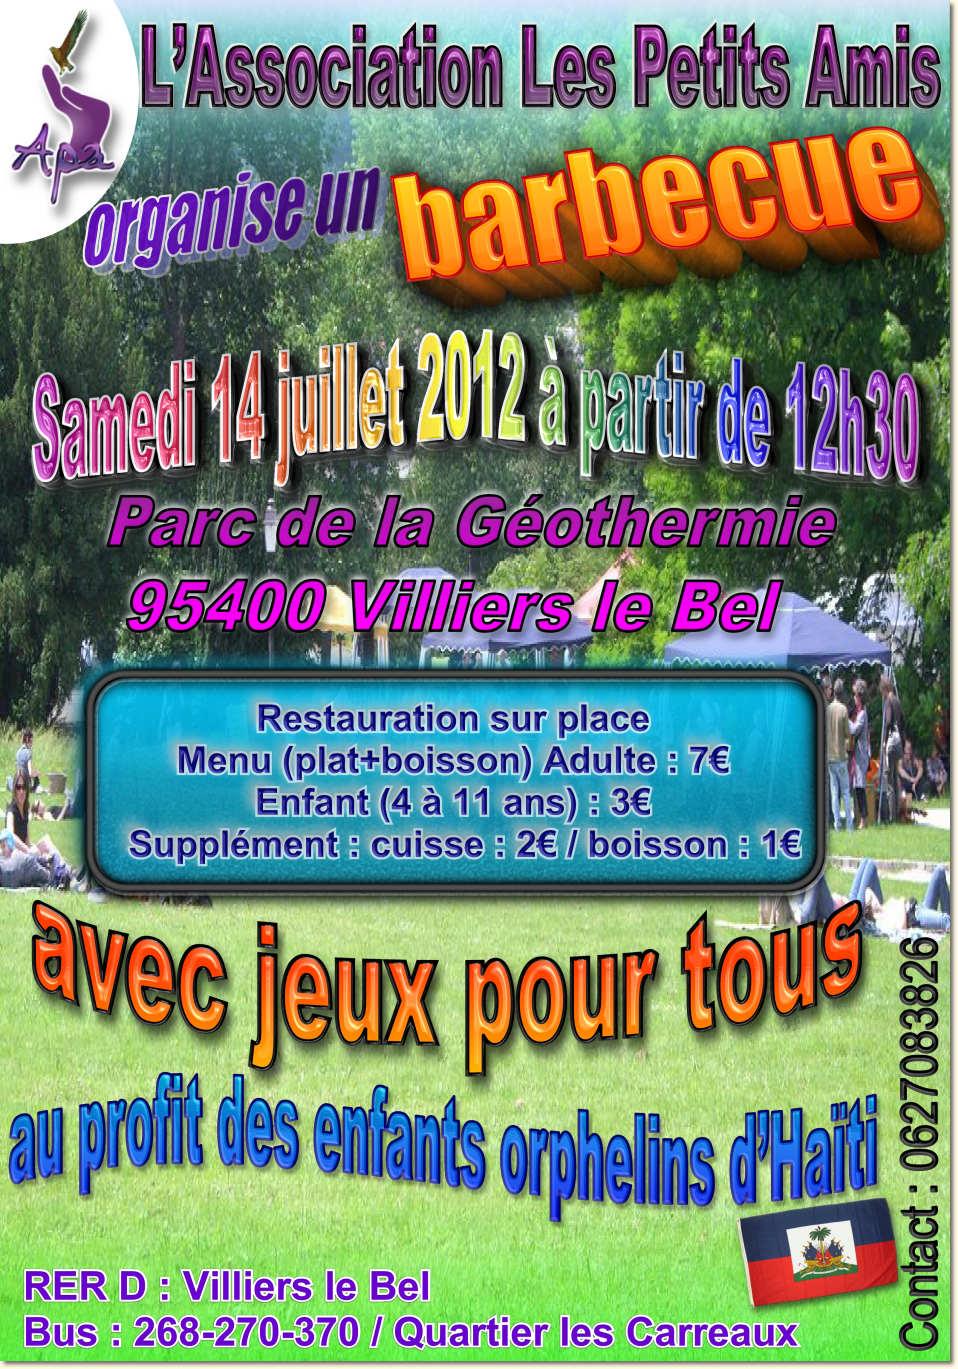 Le samedi 14 juilet 2012 dès 12h30, venez nombreux au barbecue de Villiers-le-Bel (95) !